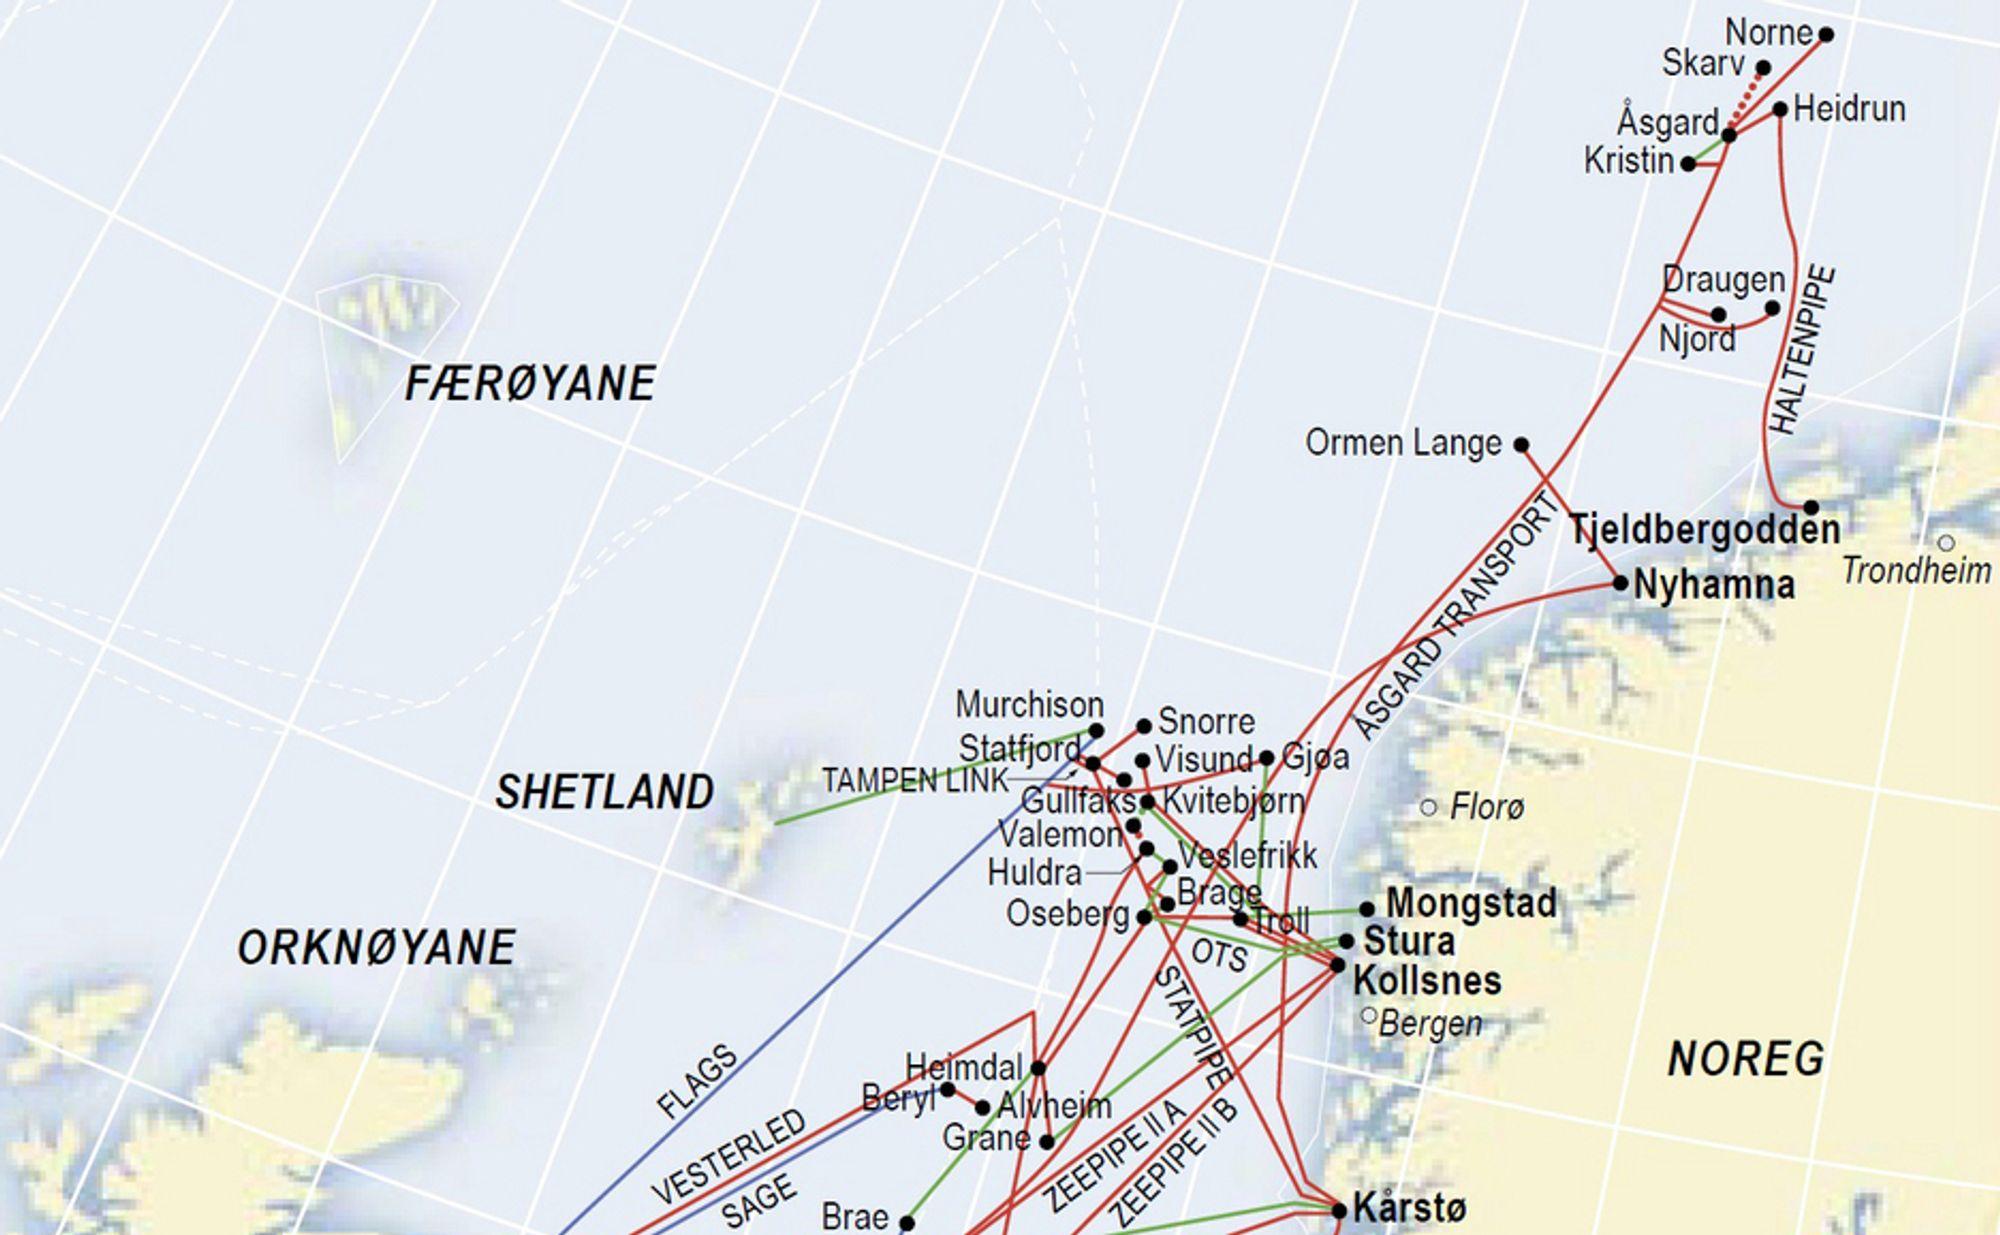 Dagens gassinfrastruktur på sokkelen stopper i Norskehavet. Regjeringen vil ha rør helt  til Barentshavet for å sikre Norges posisjon som en viktig gasseksportør.